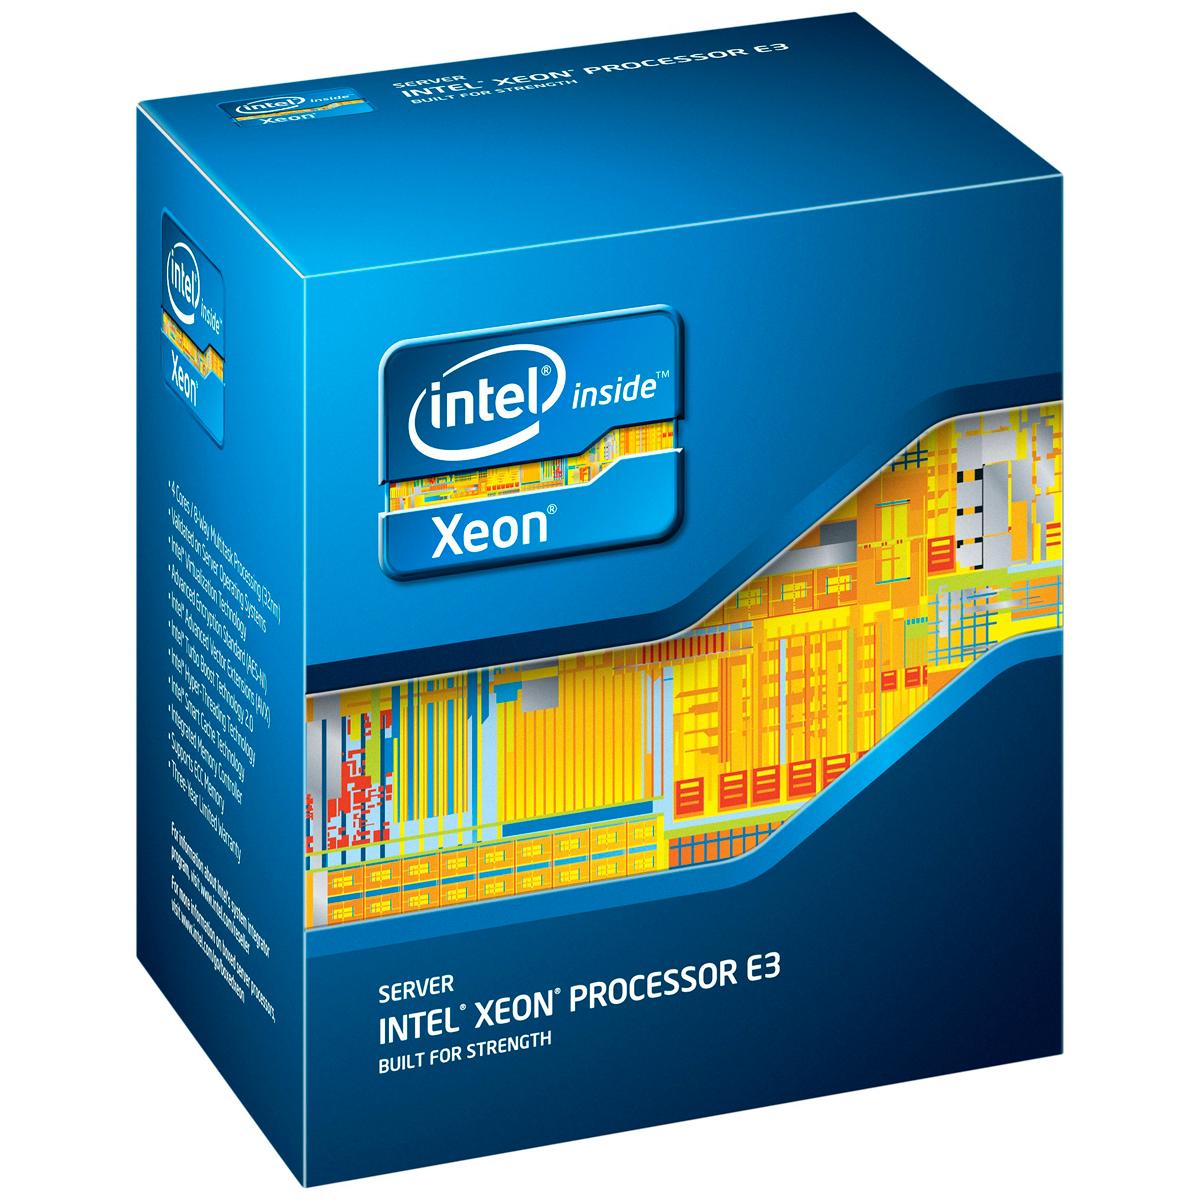 Processeur Intel Xeon E3-1225V3 (3.2 GHz) Processeur Quad Core Socket 1150 DMI Cache 8 Mo 0.022 micron (version boîte avec ventilateur - garantie Intel 3 ans)